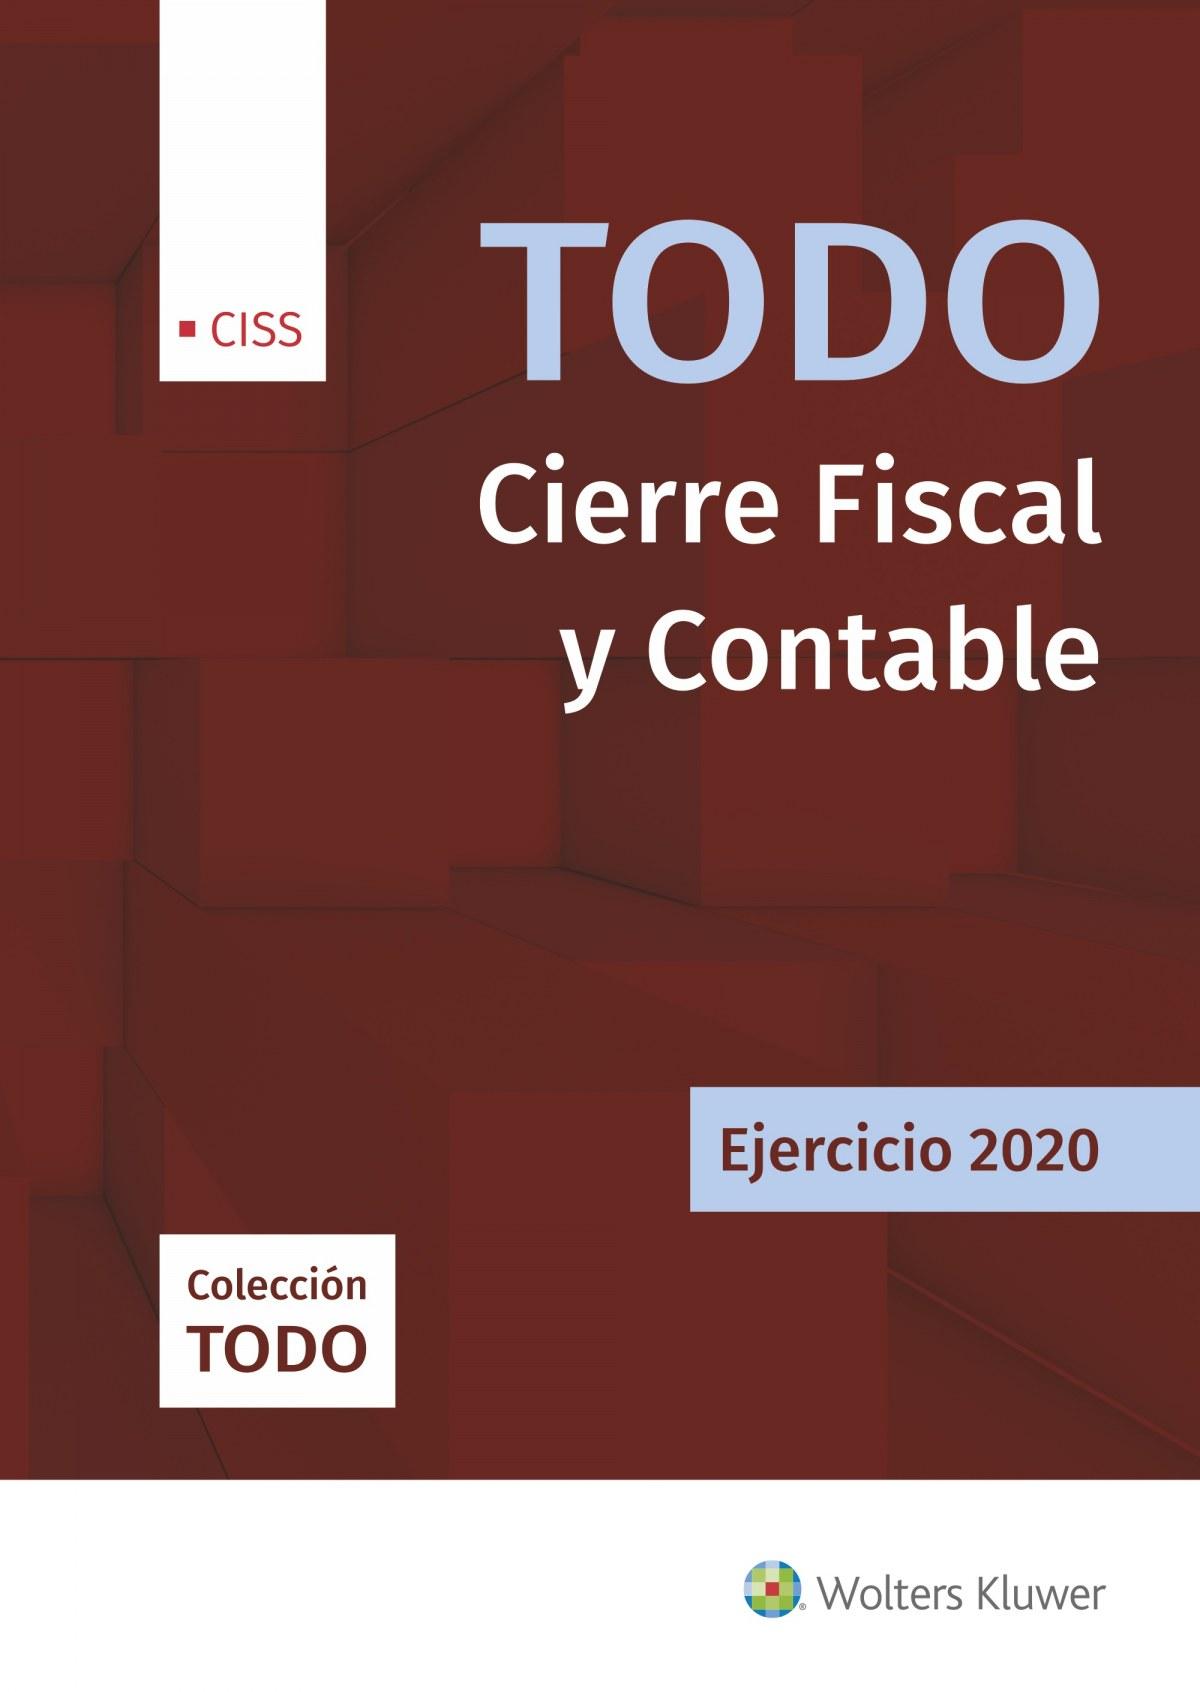 Todo Cierre Fiscal y Contable. Ejercicio 2020